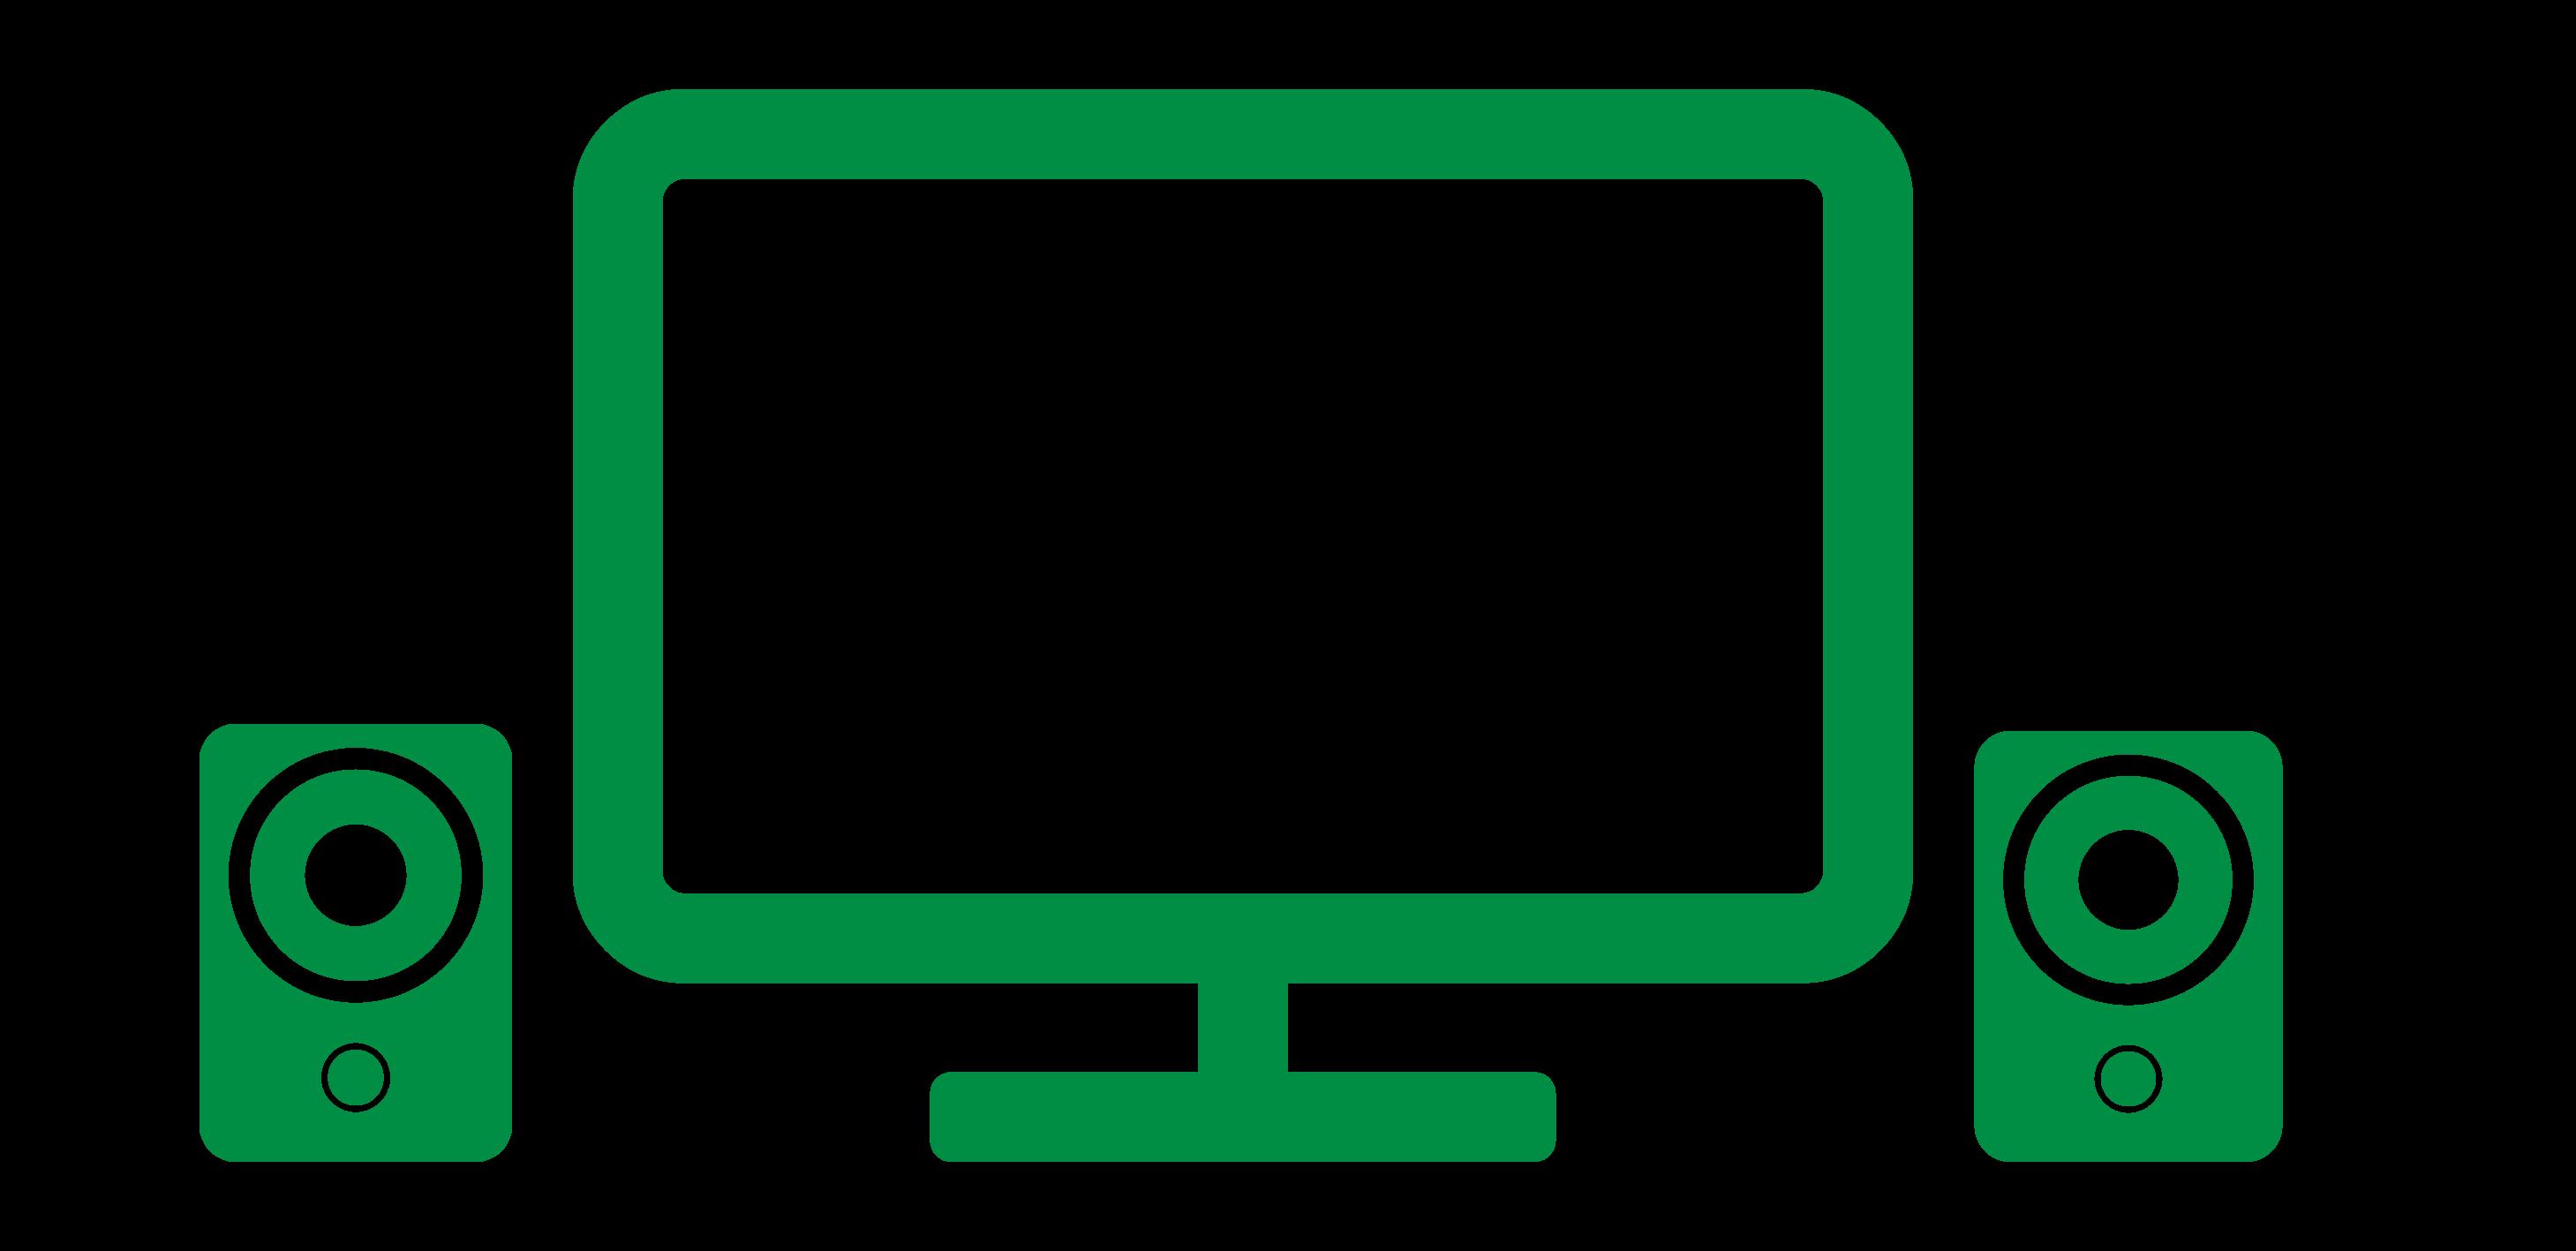 Home Theatre Support icon